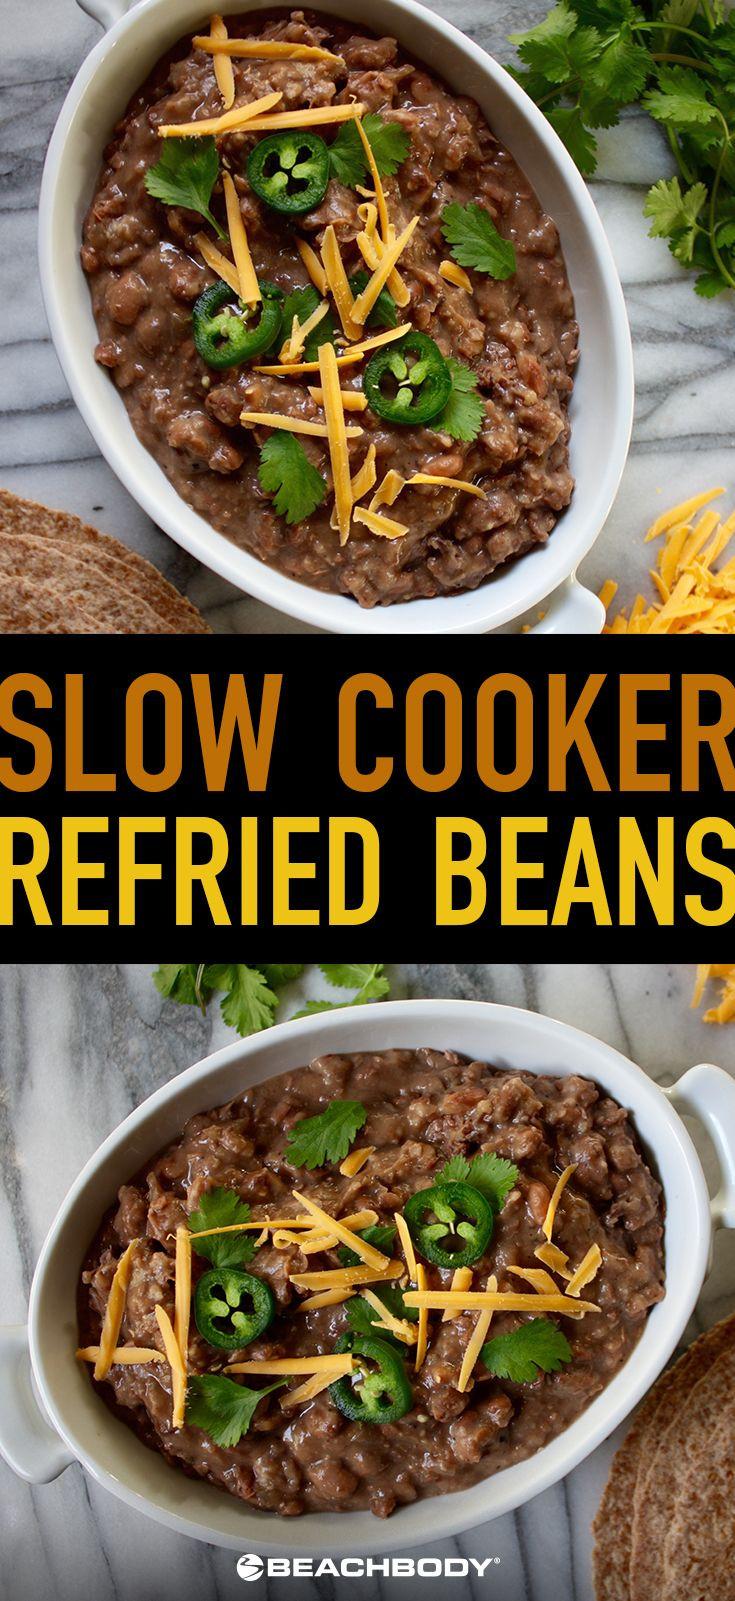 Healthy Vegetarian Crock Pot Recipes  48 best images about Healthy CROCKPOT Recipes on Pinterest